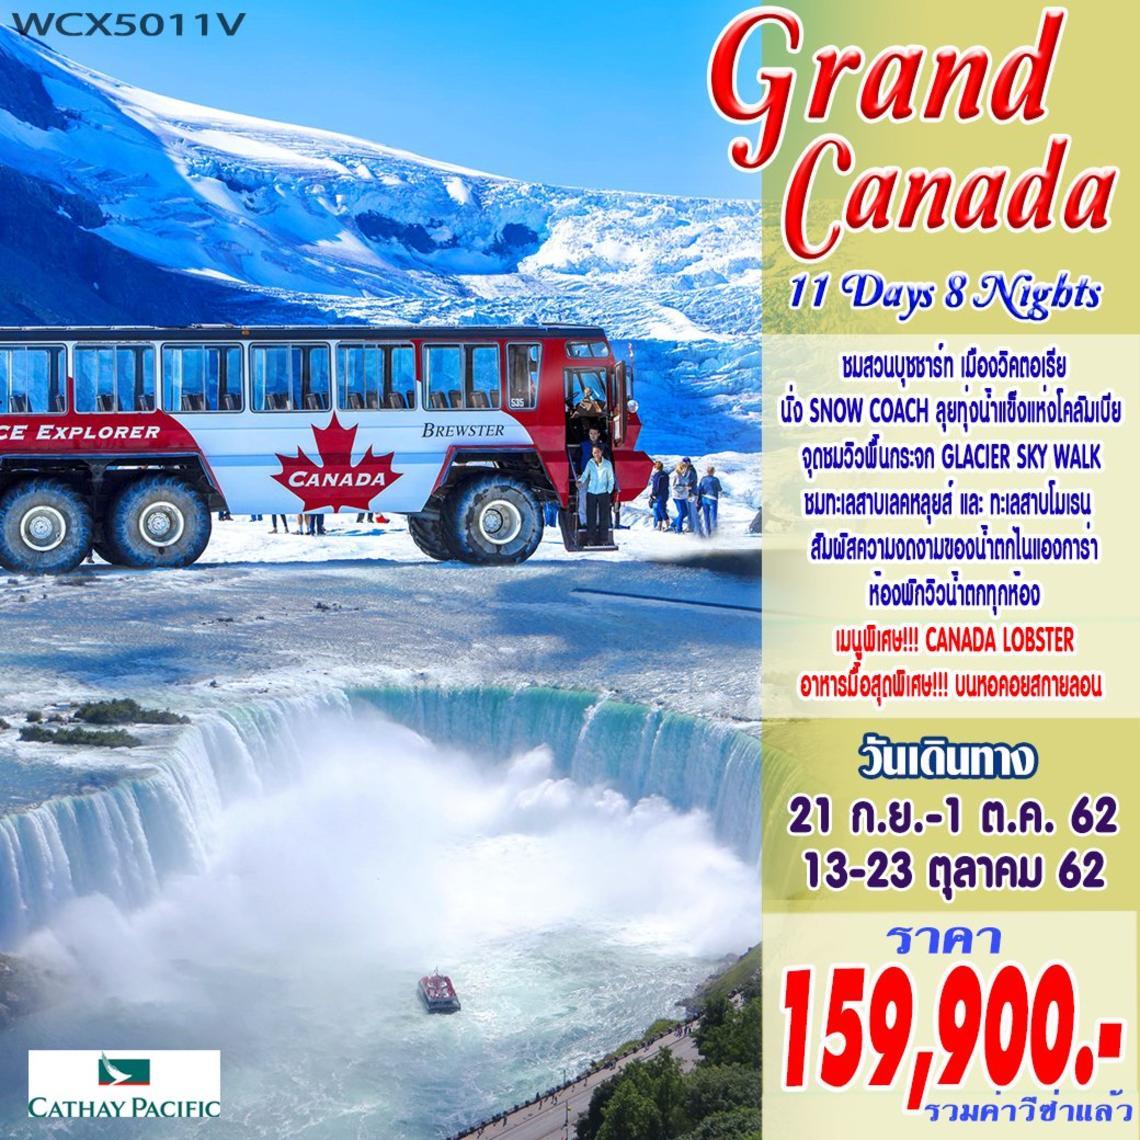 ทัวร์แคนาดา แกรนด์แคนาดา [YVR-YYZ] 11 วัน 8 คืน (CX)